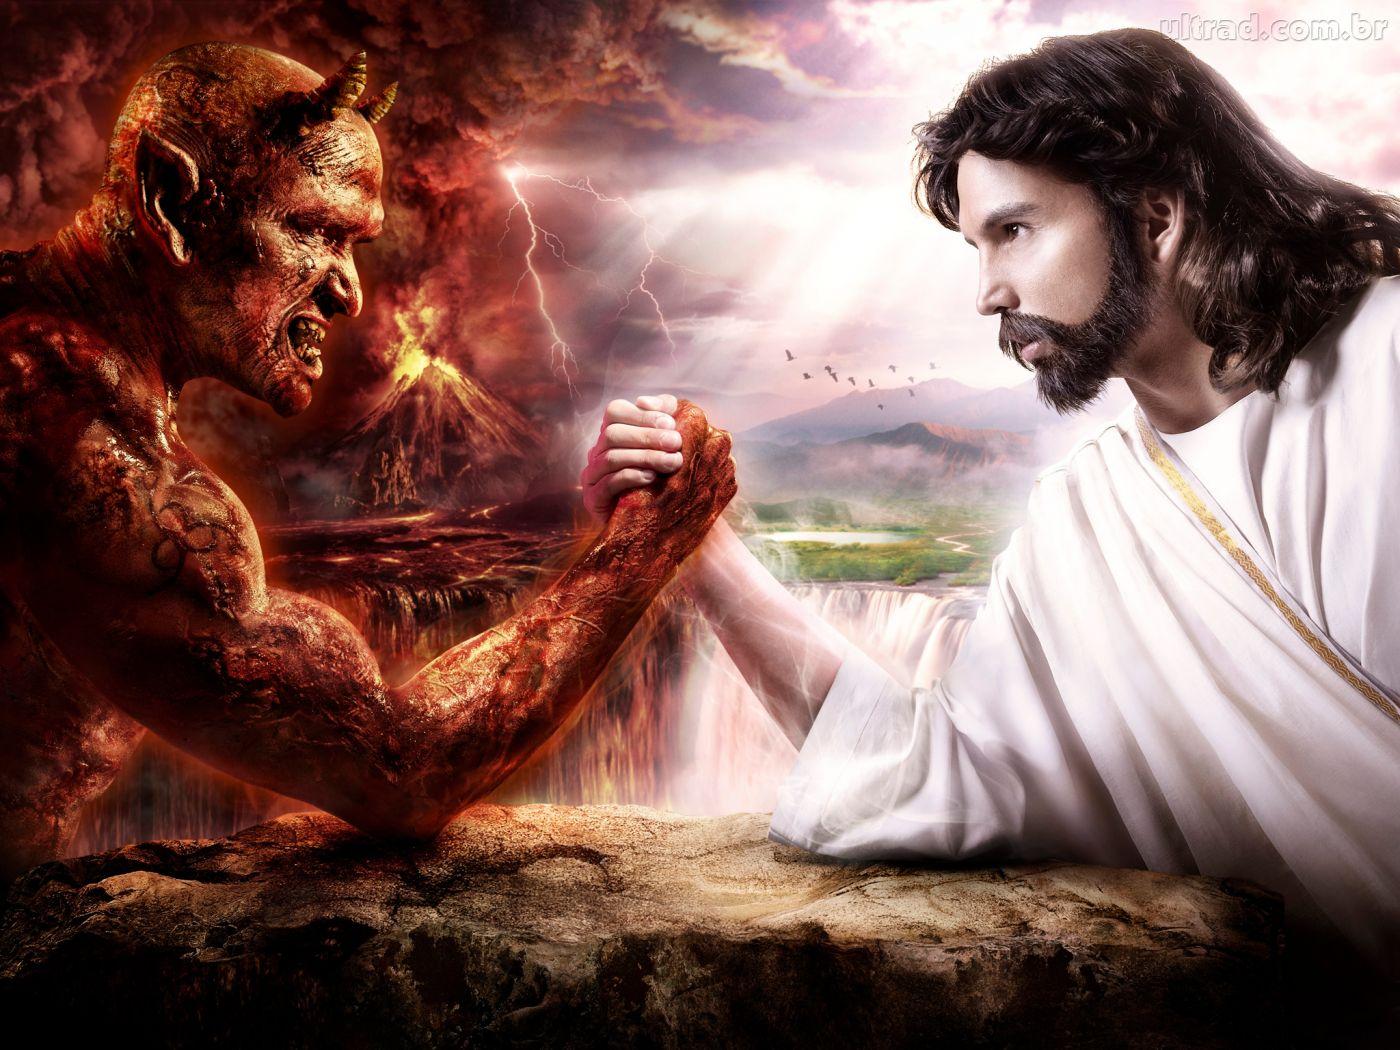 http://4.bp.blogspot.com/-dfkYVyRY5xU/T5iJeOPGMLI/AAAAAAAAERg/o4VNrRehs0w/s1600/270100_Papel-de-Parede-O-diabo-e-Jesus_1400x1050.jpg